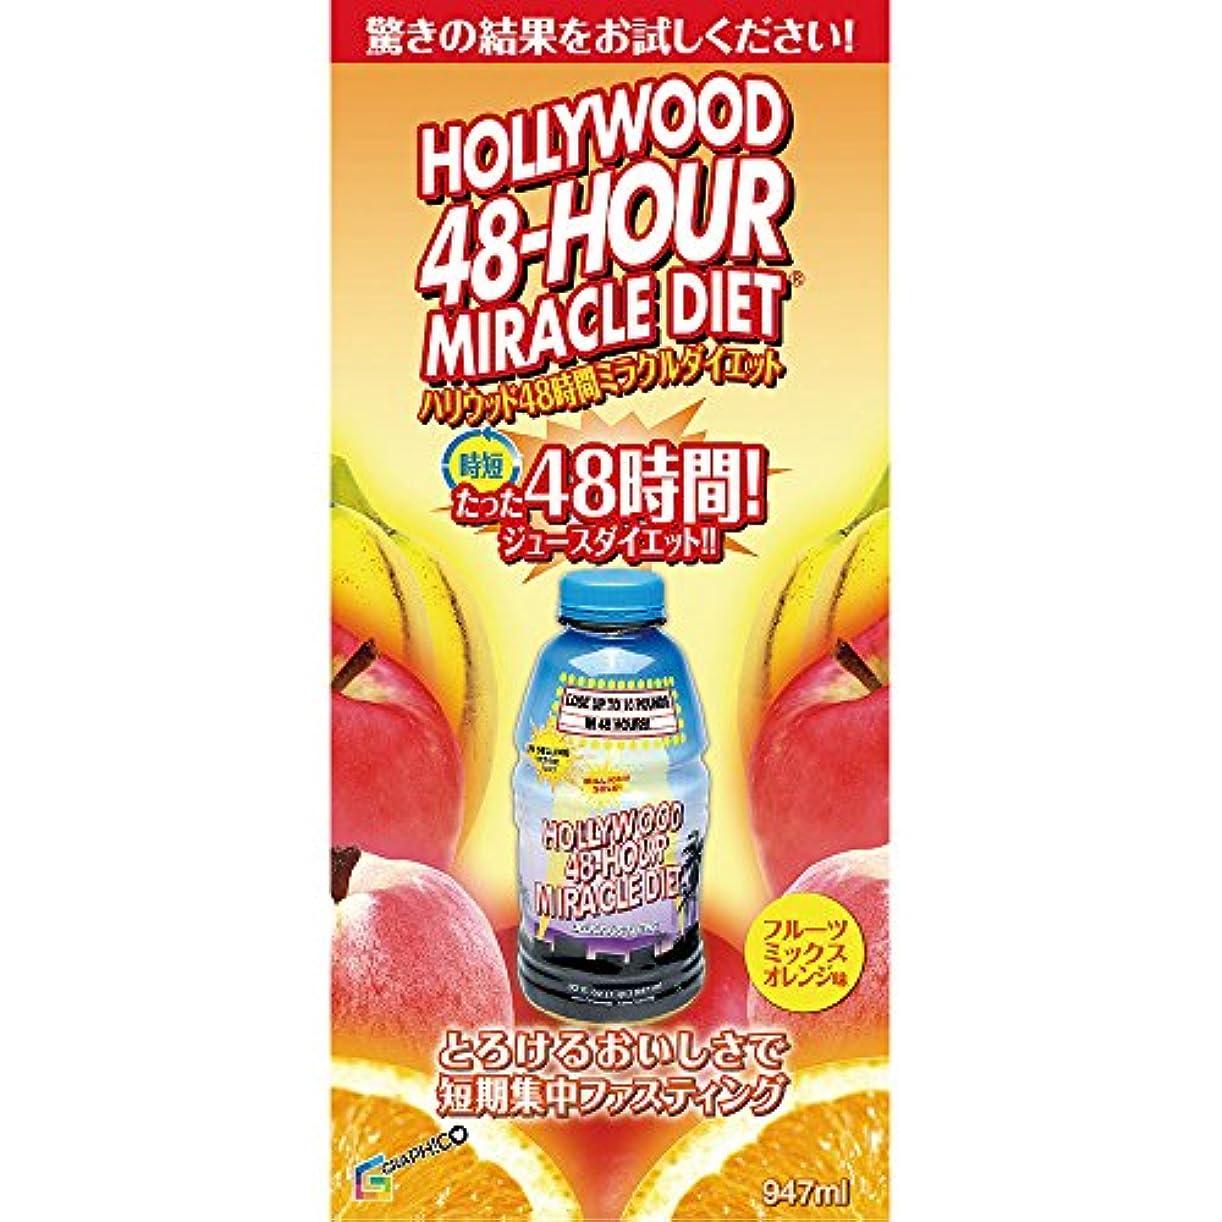 ピアニスト殺人工夫するハリウッド48時間 ミラクルダイエット (フルーツミックスオレンジ味) 947ml